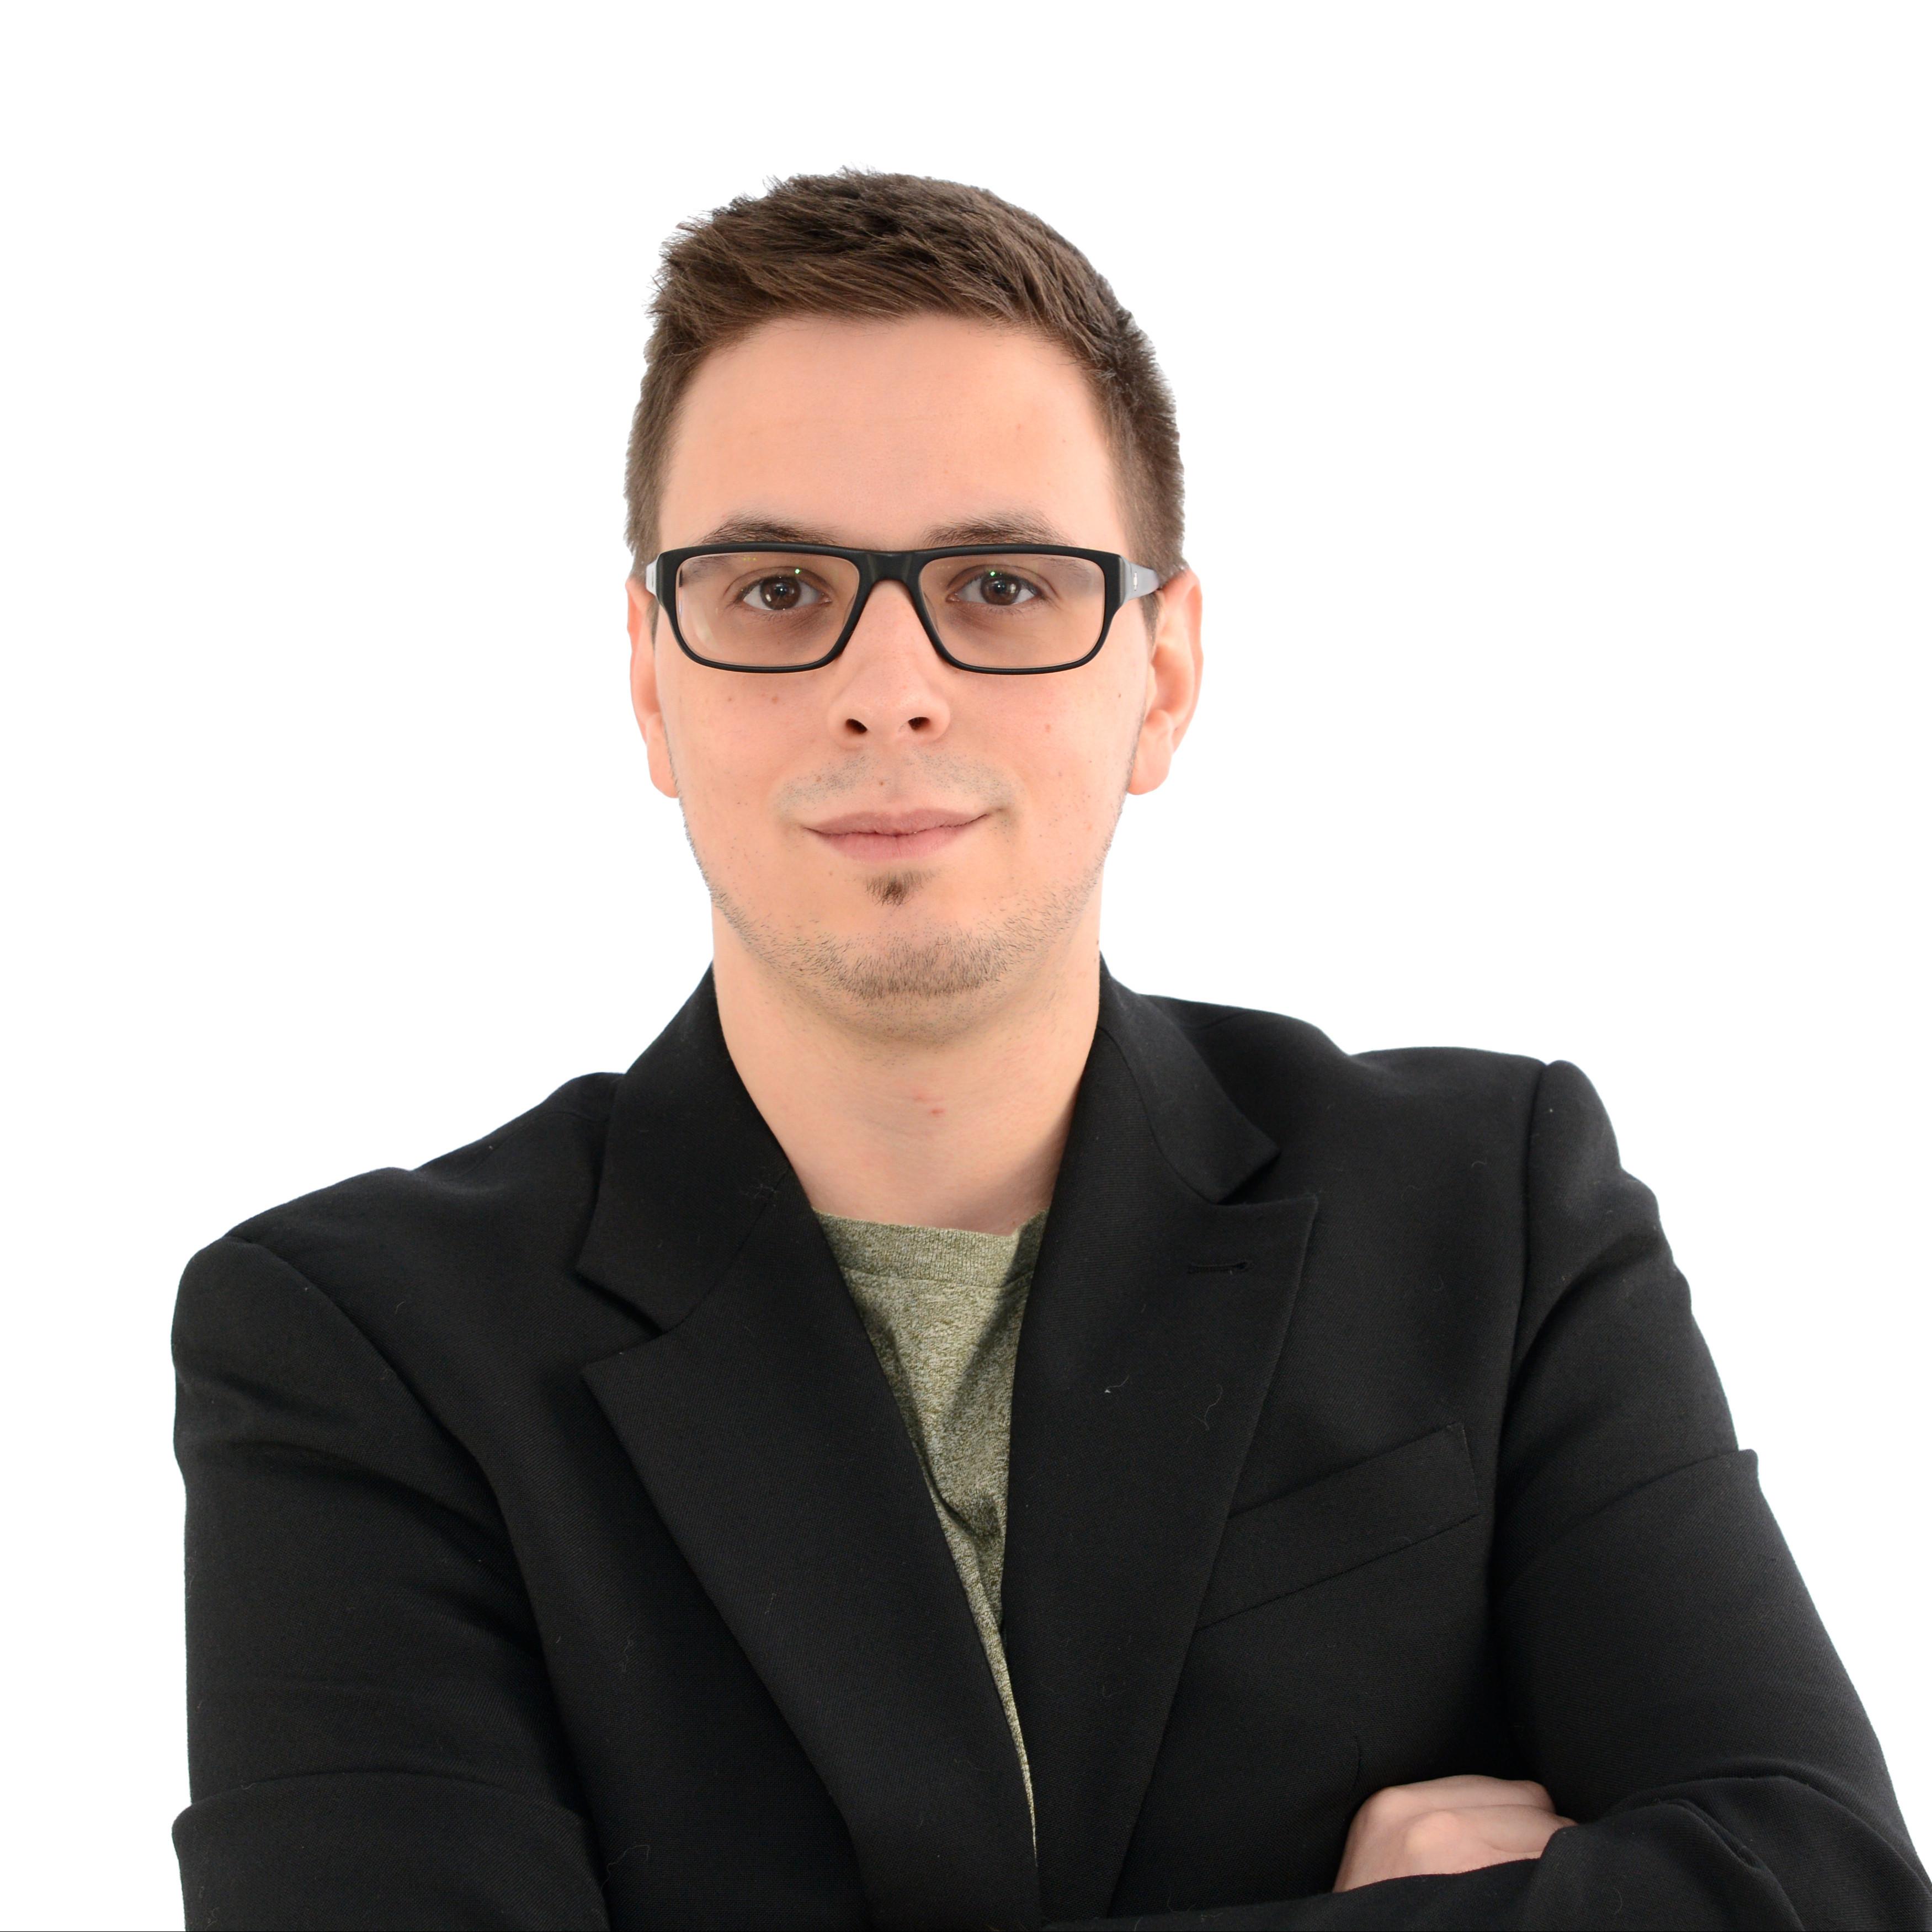 Alexandre-Maxim Jacob